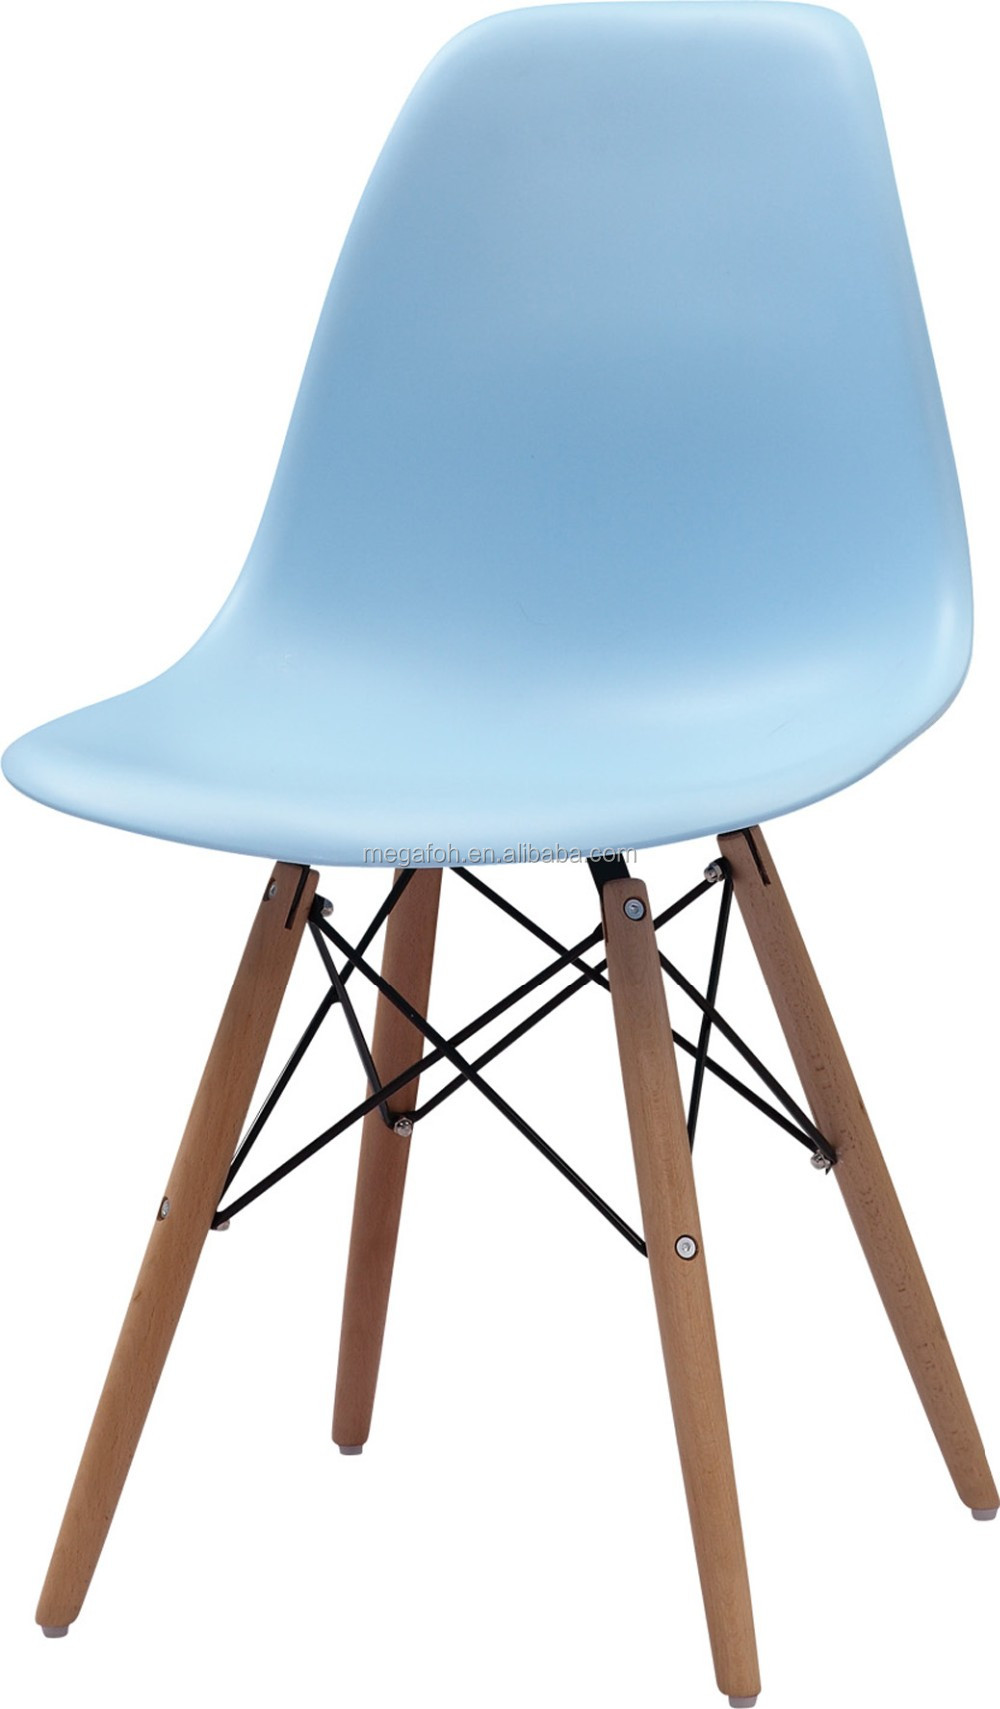 Plastique Pas Coquille De En Chaise Avec Pieds chaise Restaurant Bistrocafé Bcc08Buy Cher Abs Restaurant Boisfoh Bleu Prix CtsQxrdh